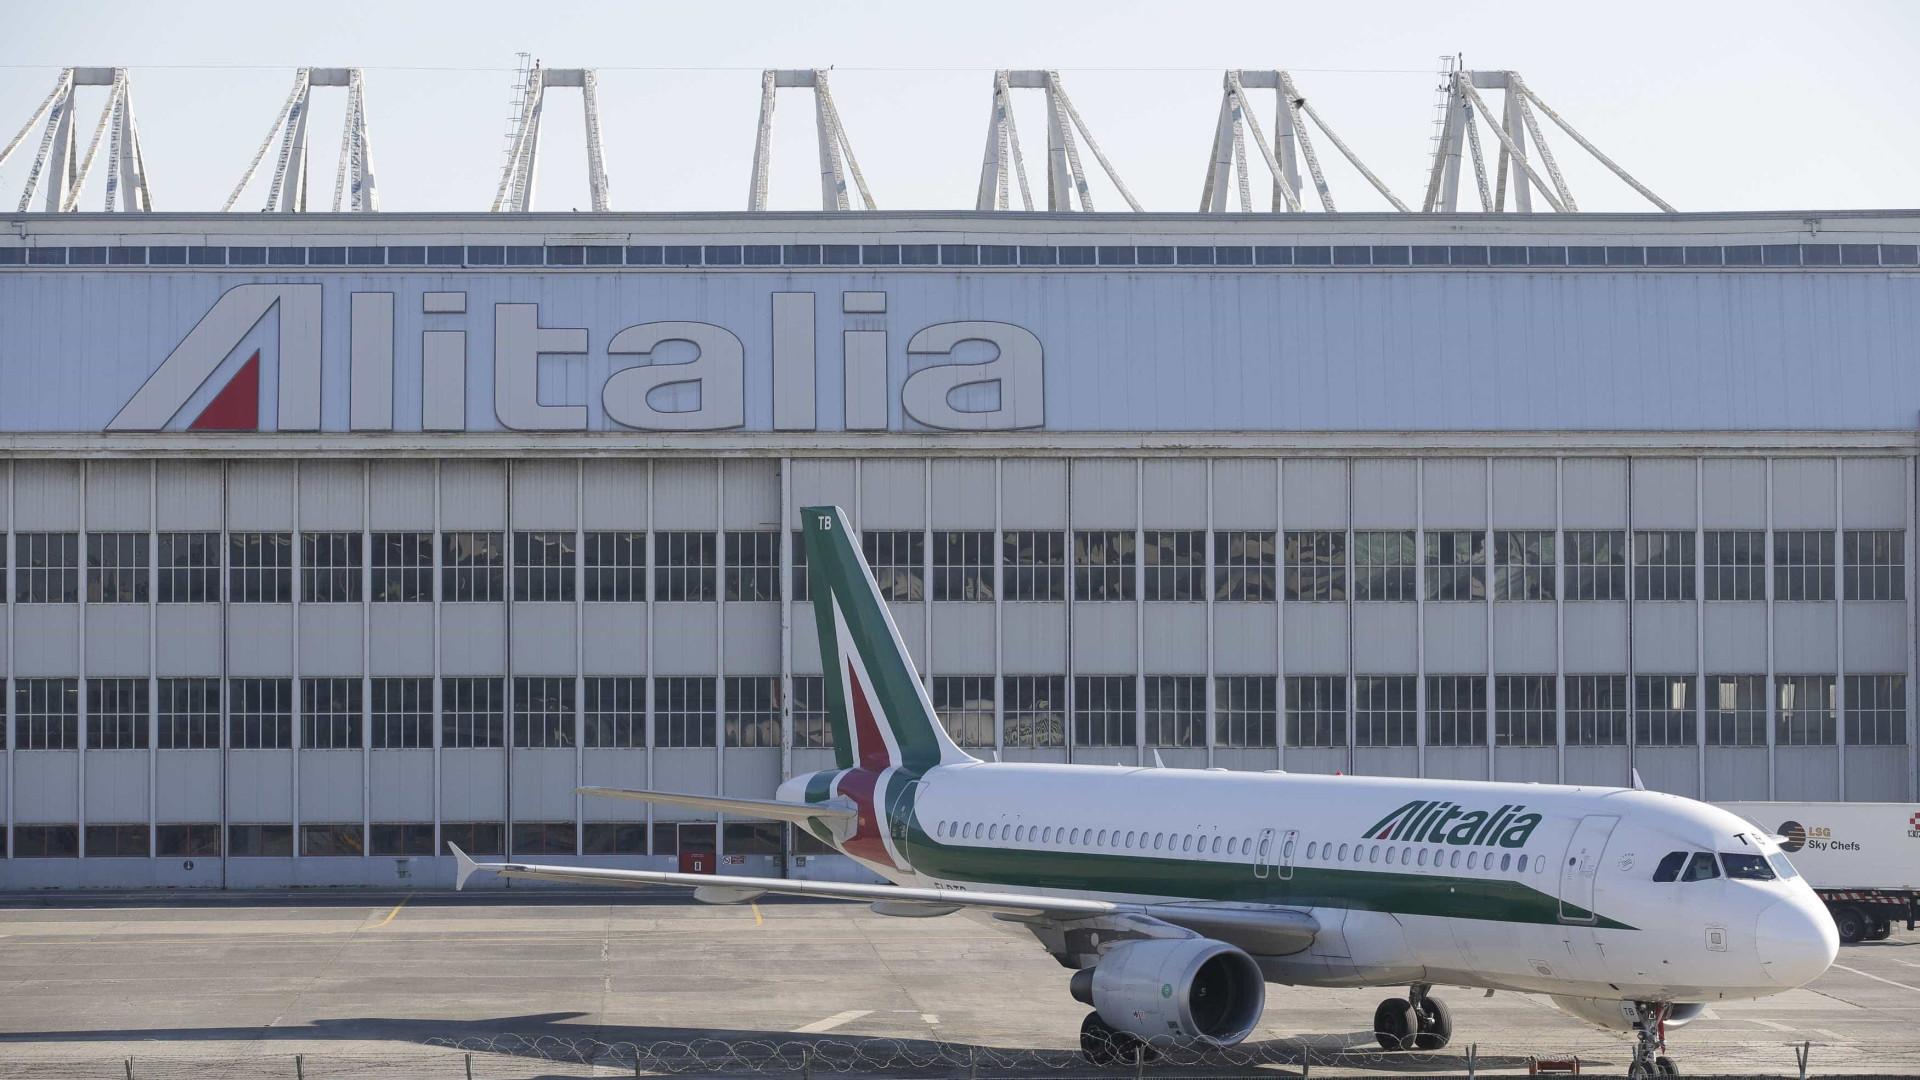 Greves dos controladores aéreos perturbam tráfego em Itália amanhã